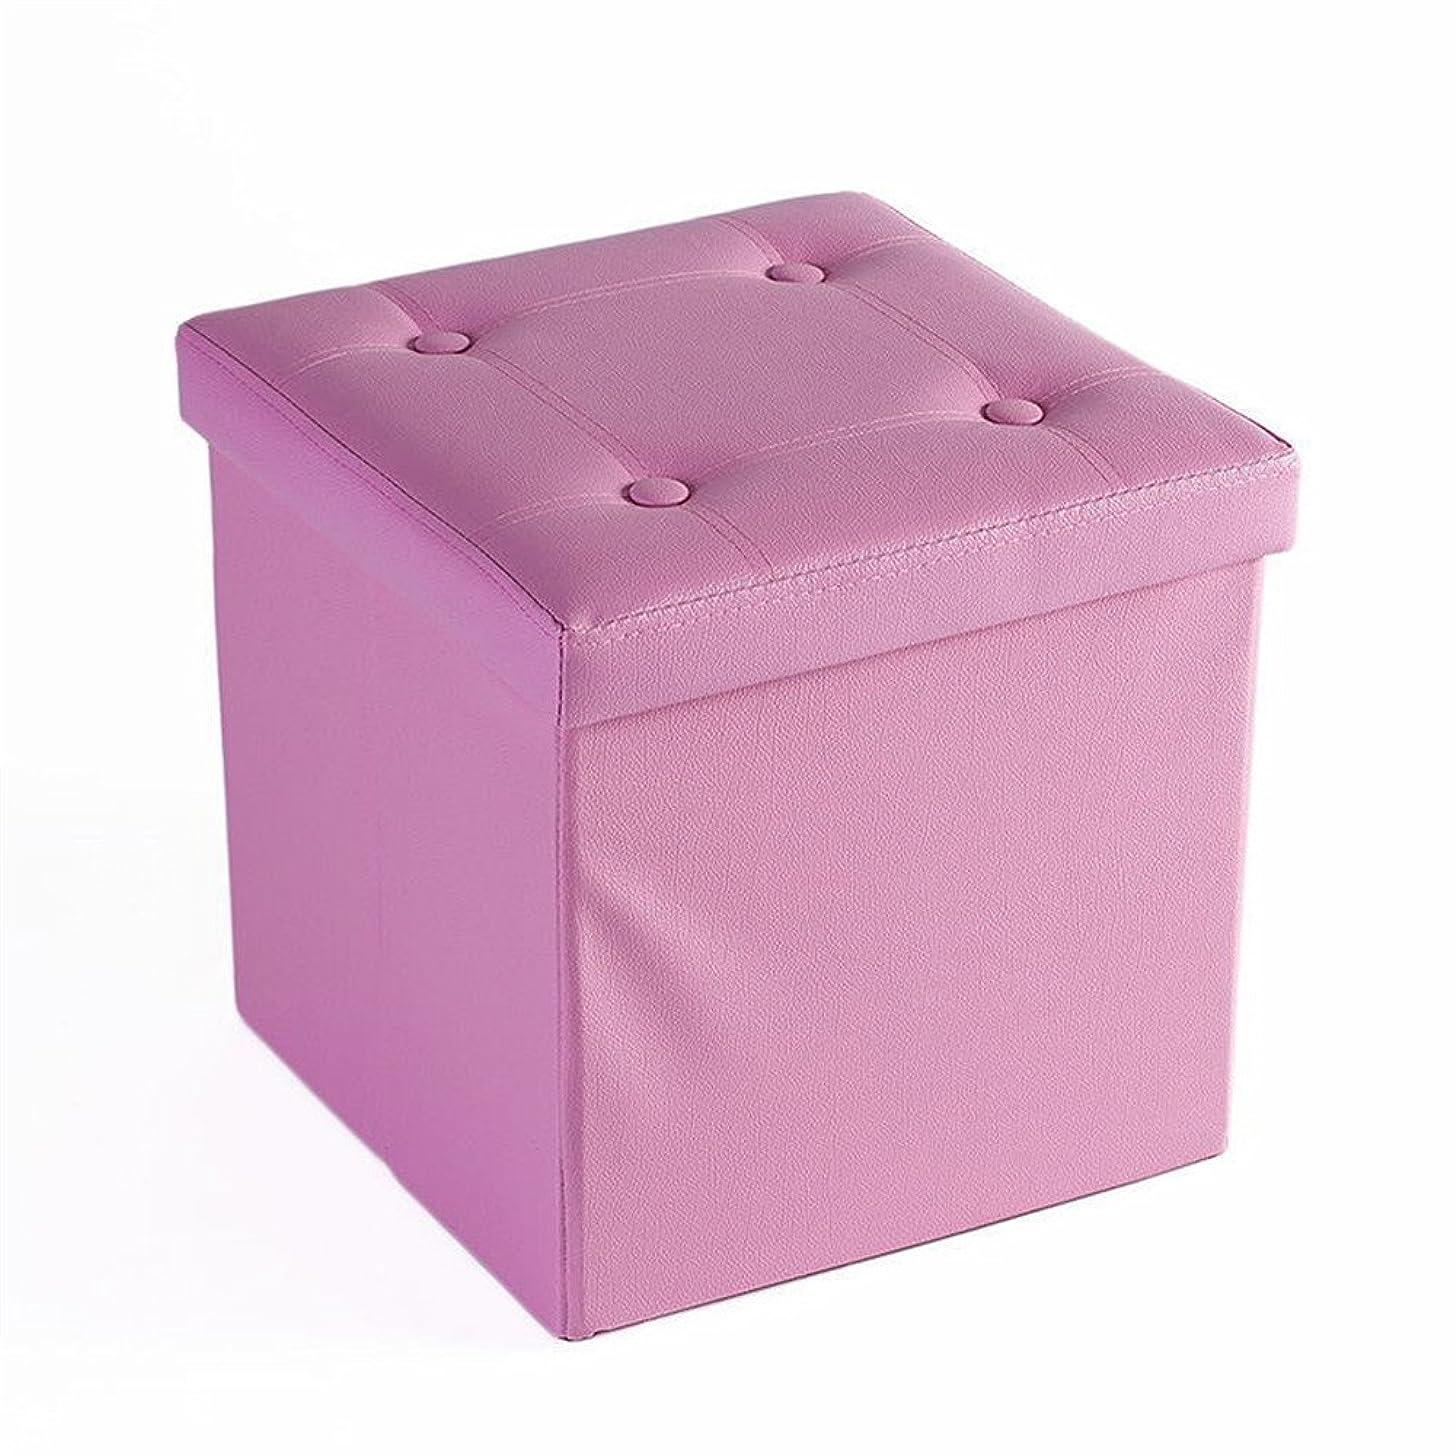 懲戒拒絶聖なる収納スツール 一人掛け オットマン 収納ボックス コンパクト スペース活用 高品質 PUレザー 合皮